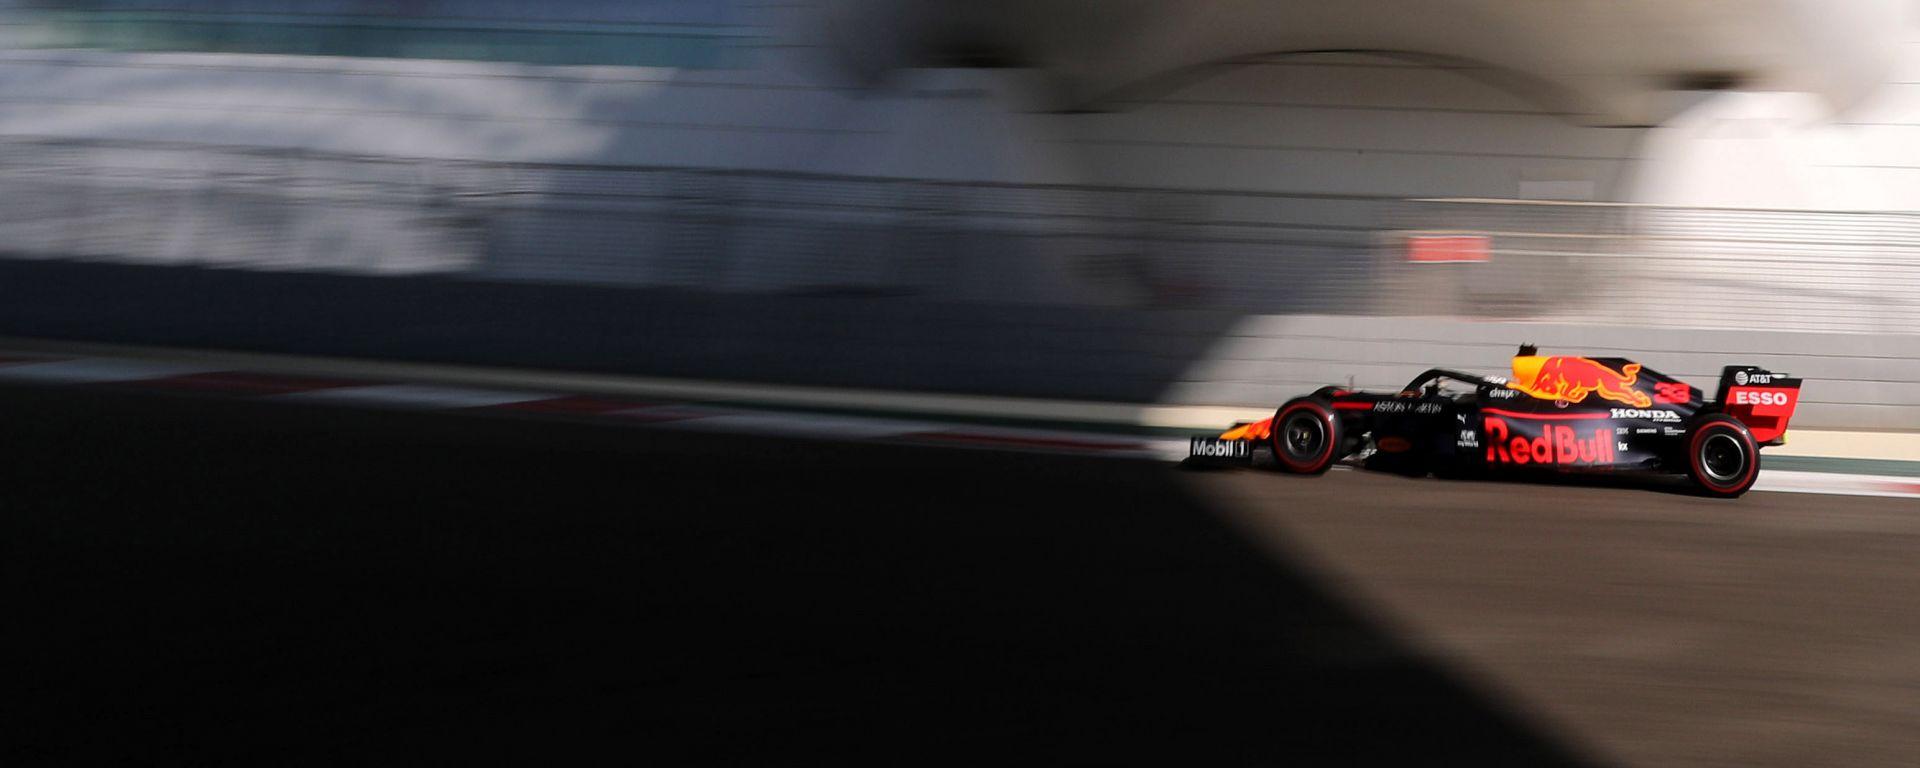 F1 GP Abu Dhabi 2019, Yas Marina: Max Verstappen (Red Bull) è il più veloce nelle PL3